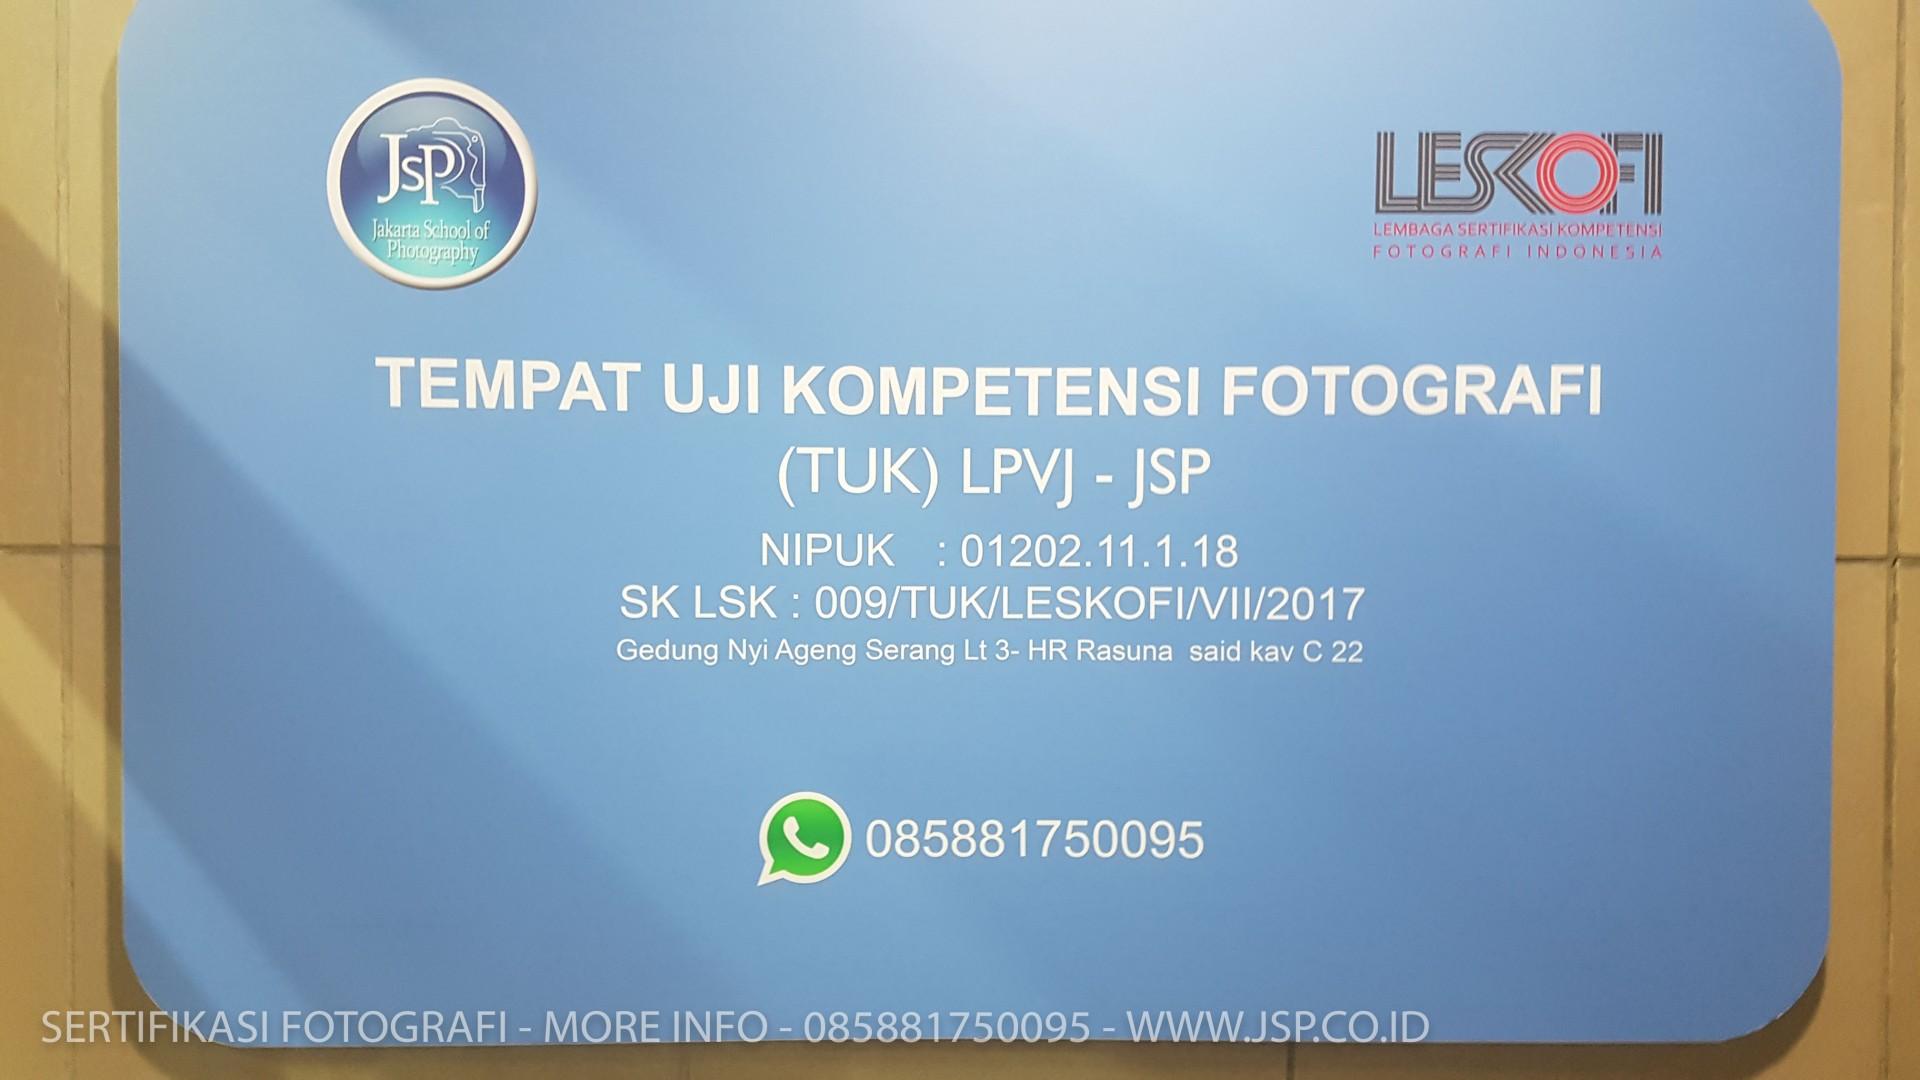 sertifikasi fotografi indonesia-6